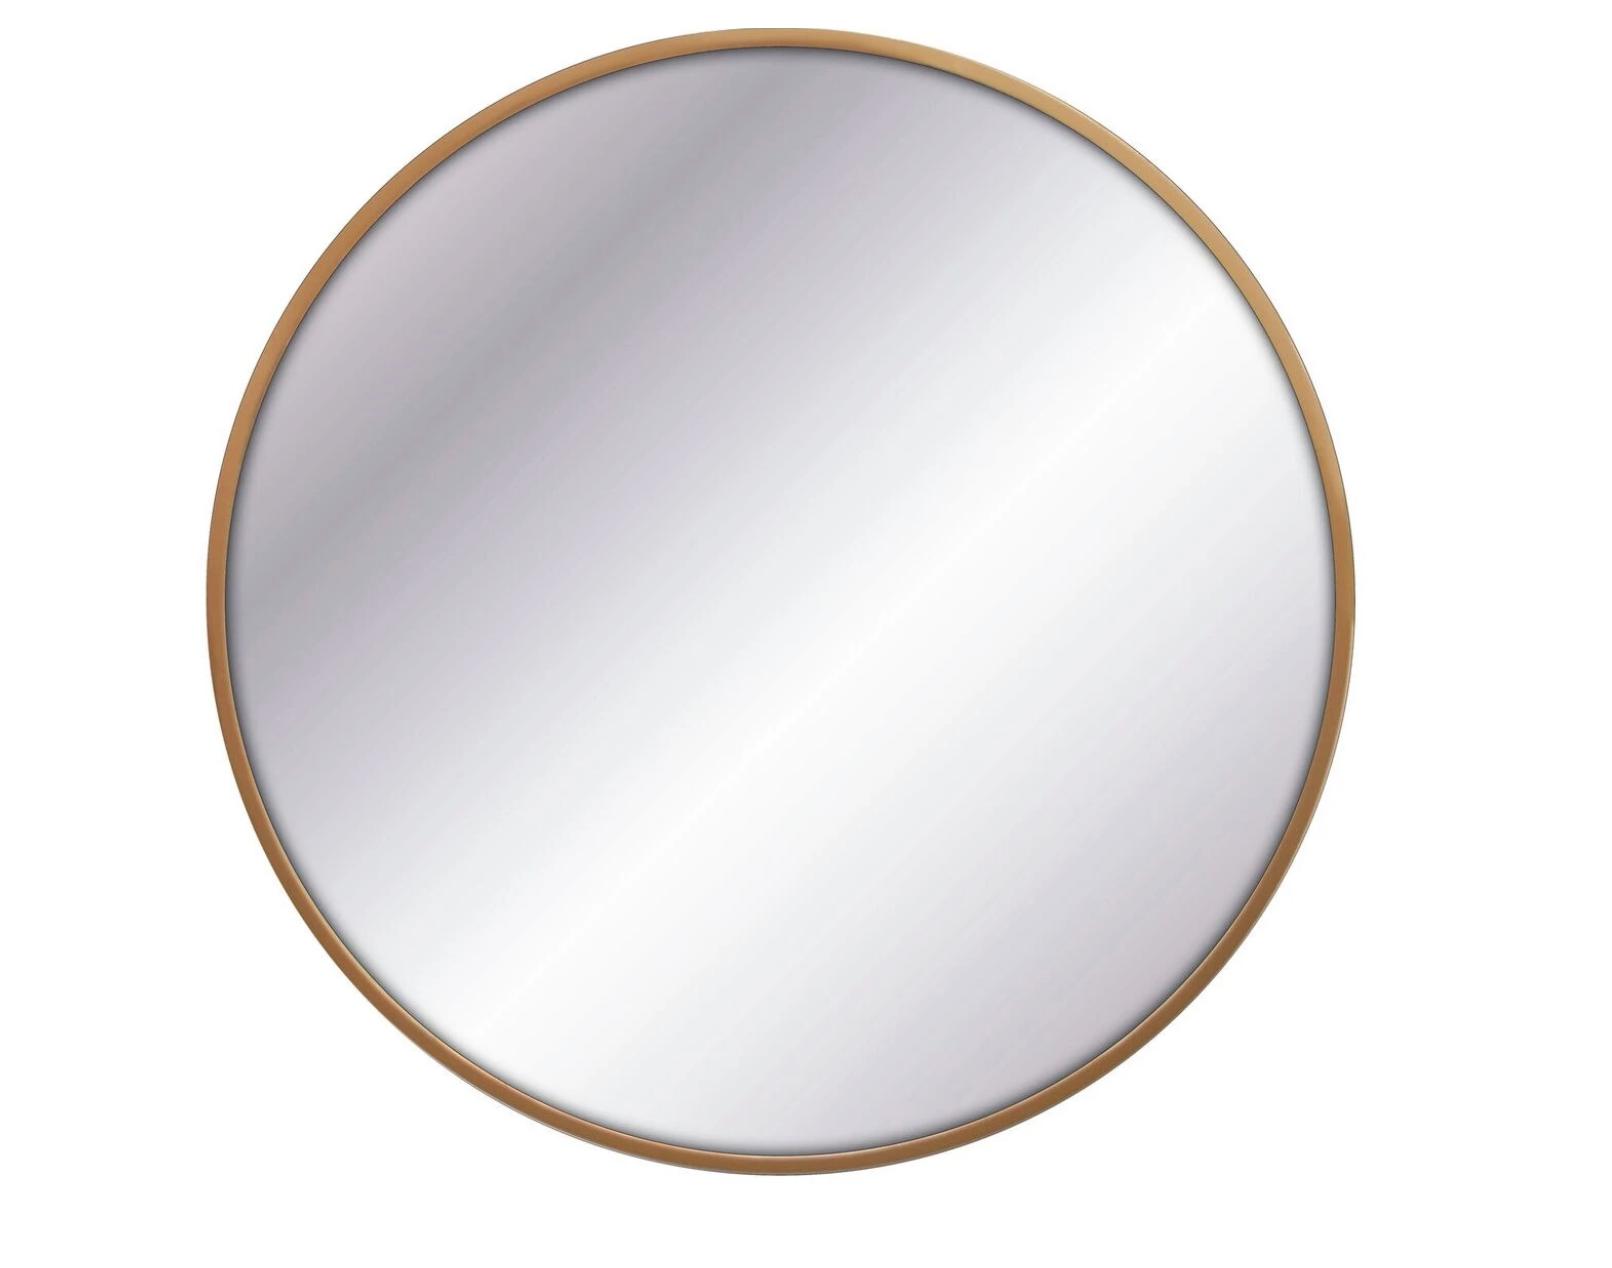 Brass mirror - 32